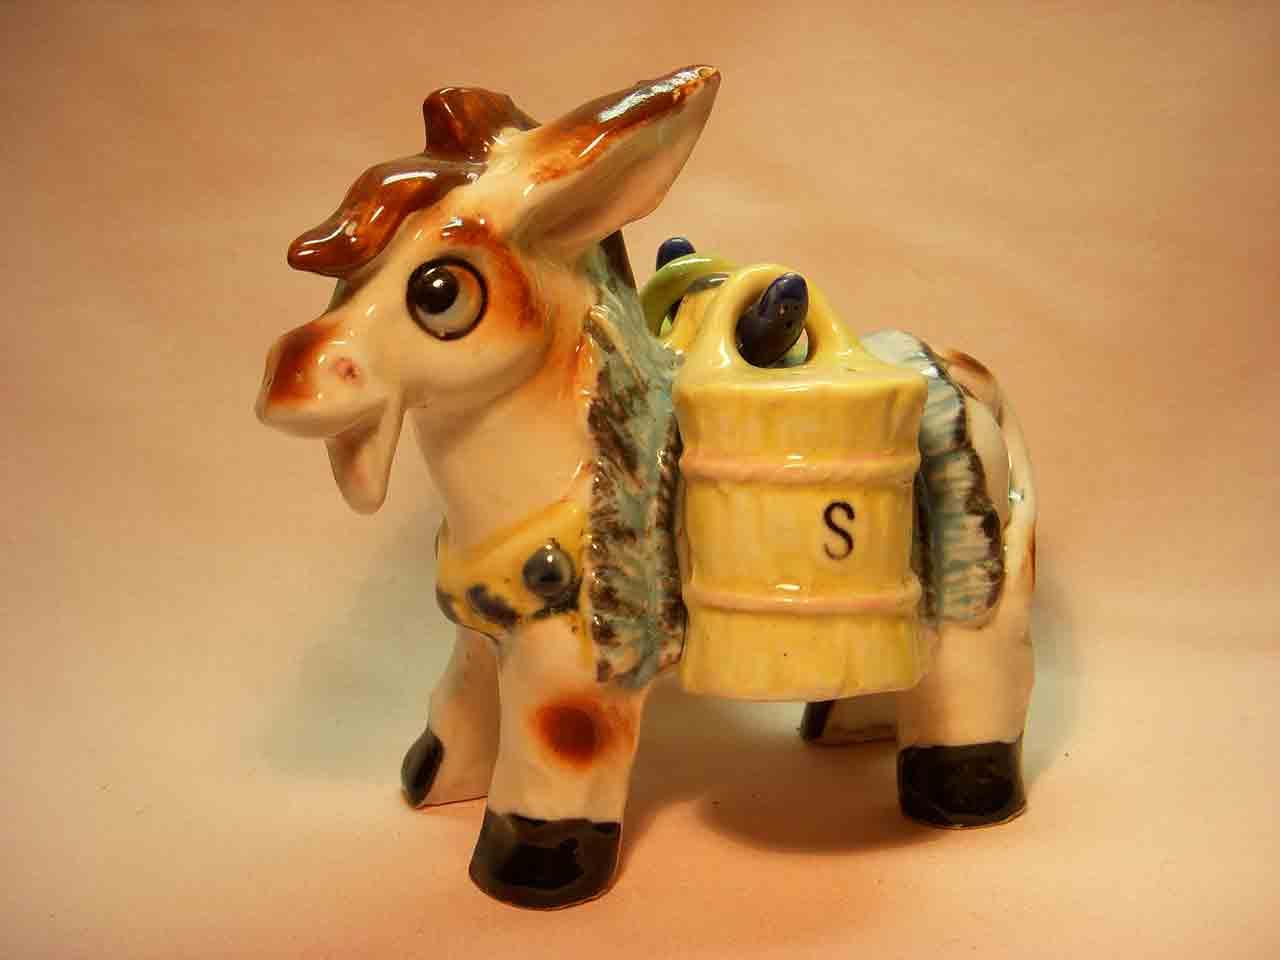 Donkey carrier salt and pepper shaker